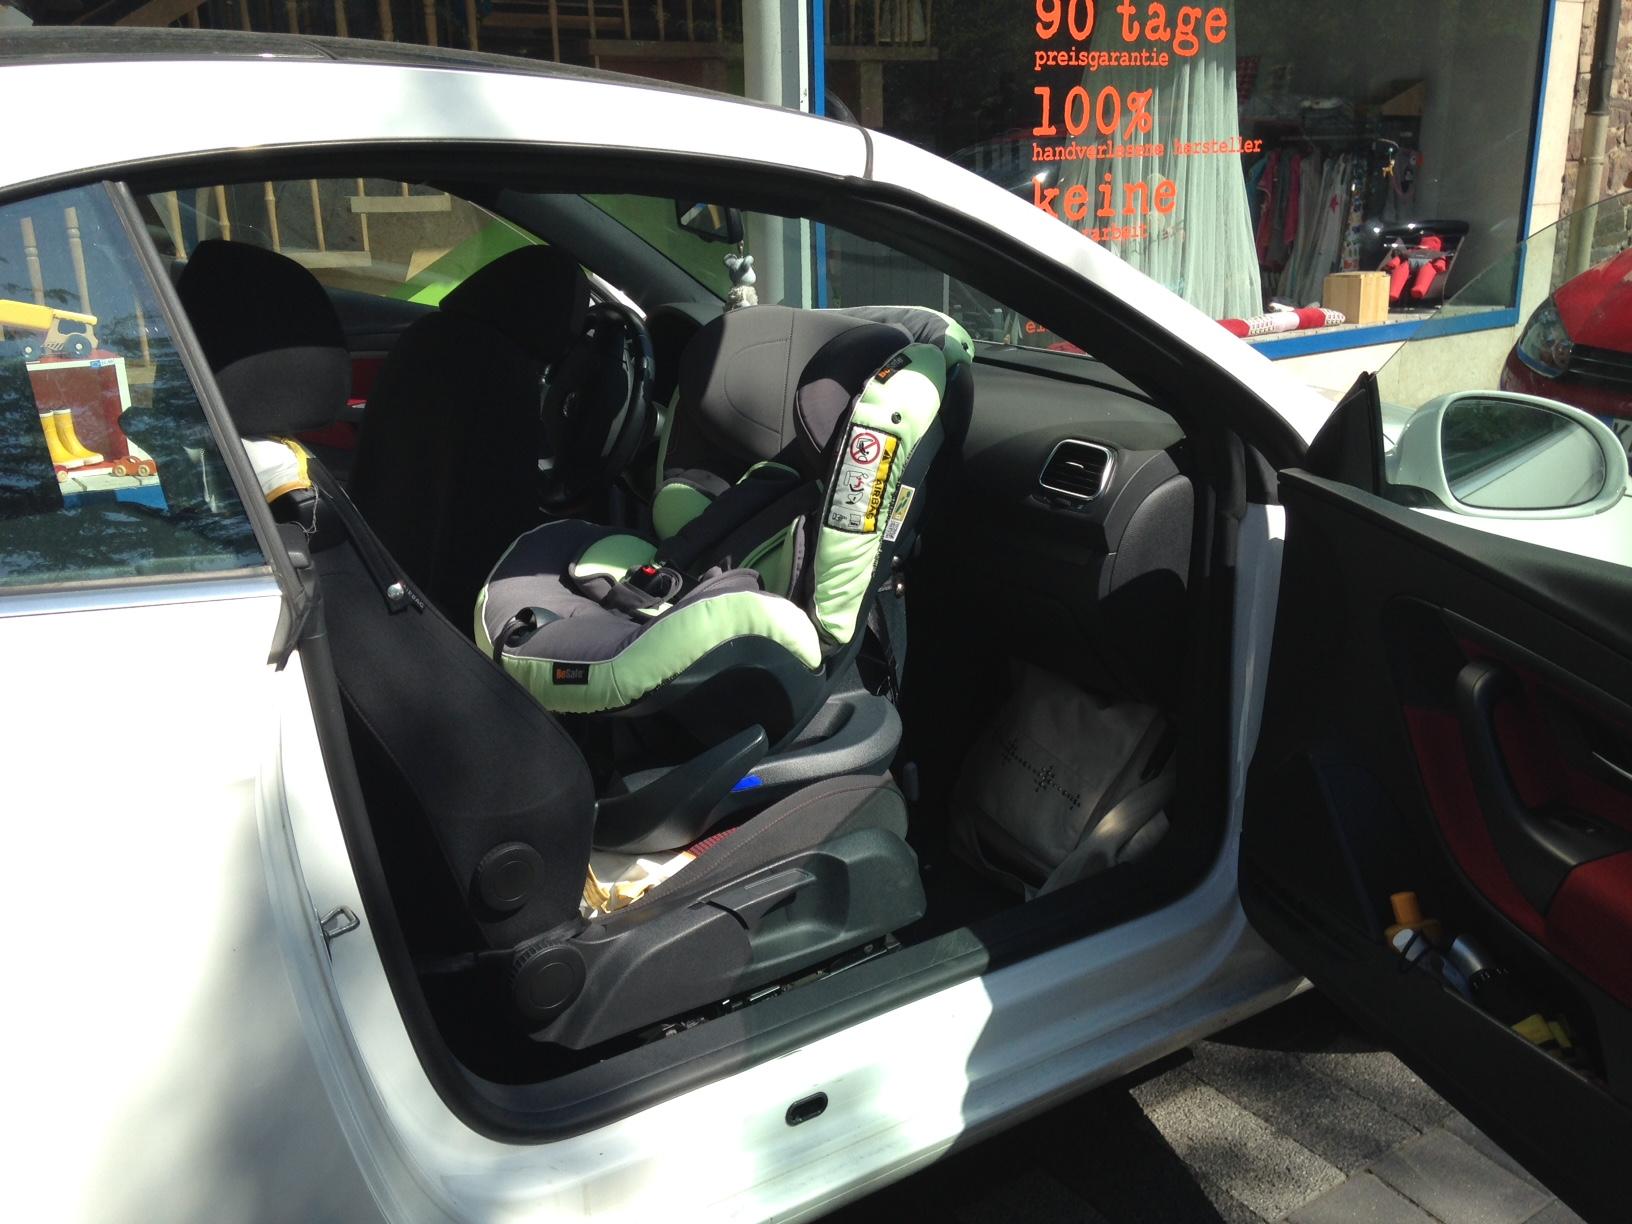 Reboarder Auf Dem Beifahrersitz Klar Das Geht Die Zwergperten